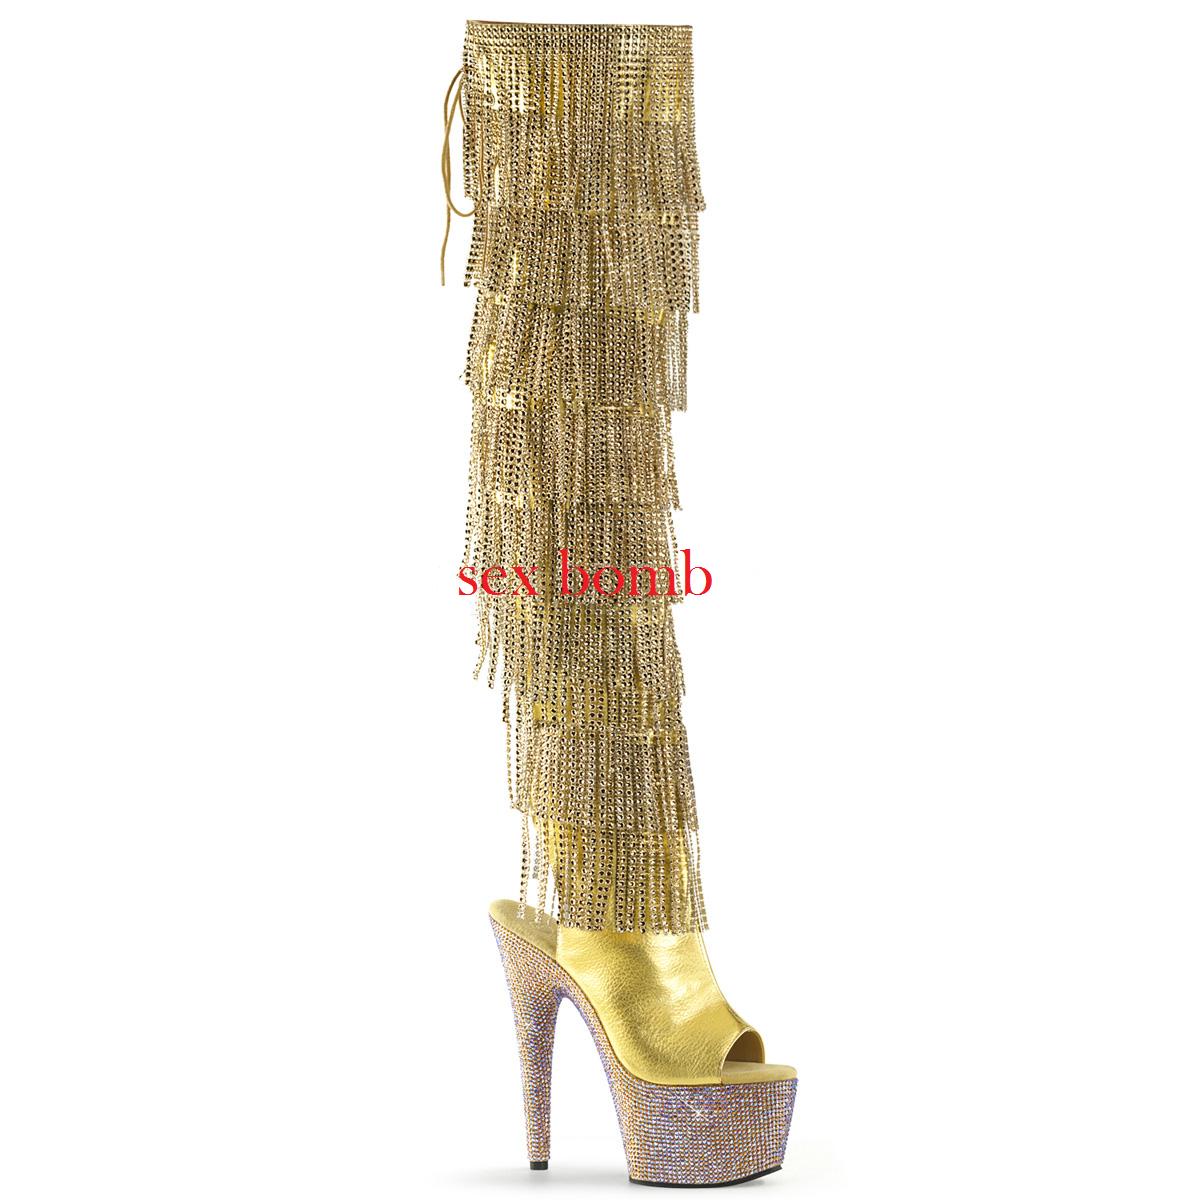 Stiefel Fransen 35 Strass Ferse 18 von 35 Fransen bis 40 Gold Plateau Sandalen Sexy Schuhe f4e911